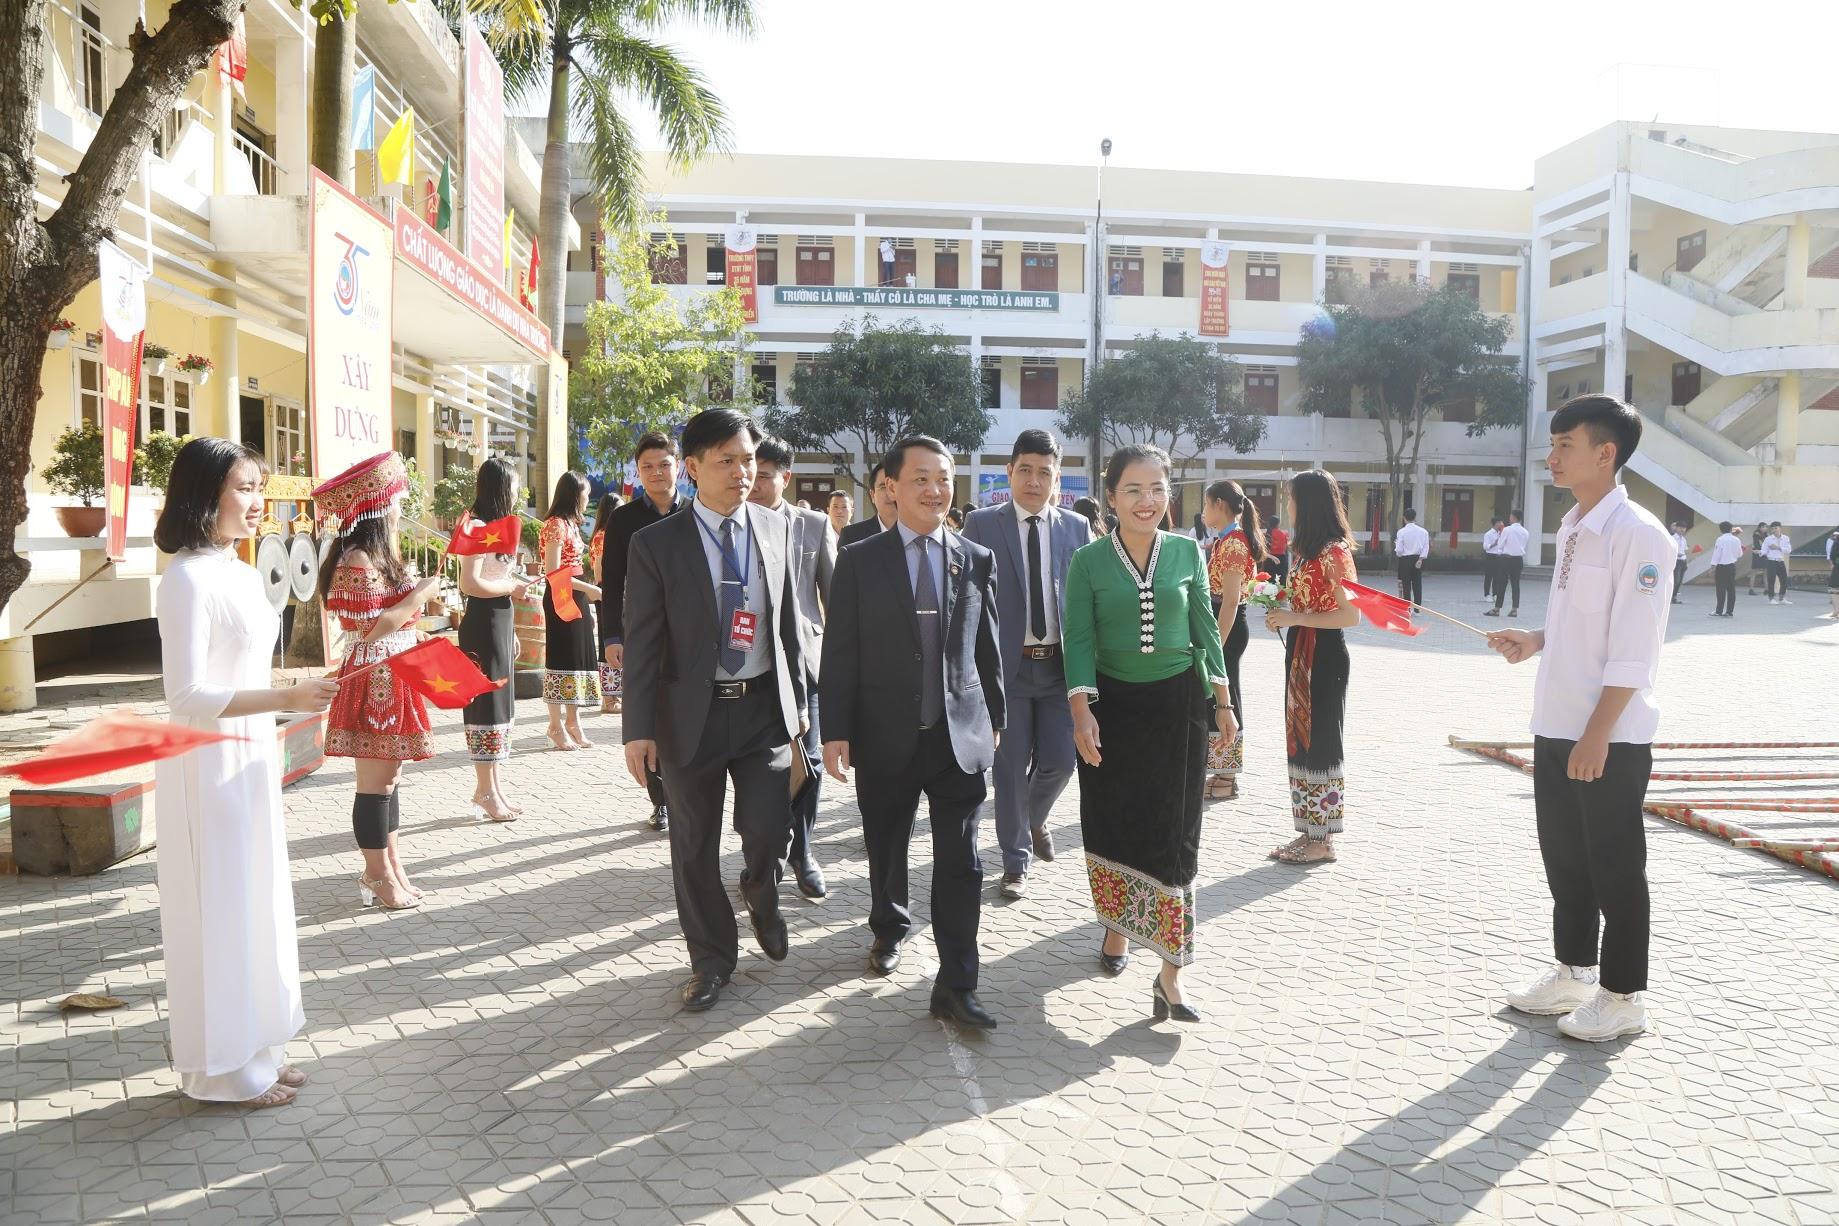 Phó Chủ tịch - Tổng Thư ký Hầu A Lềnh trao quà cho học sinh dân tộc nội trú tại Nghệ An - Hình 1